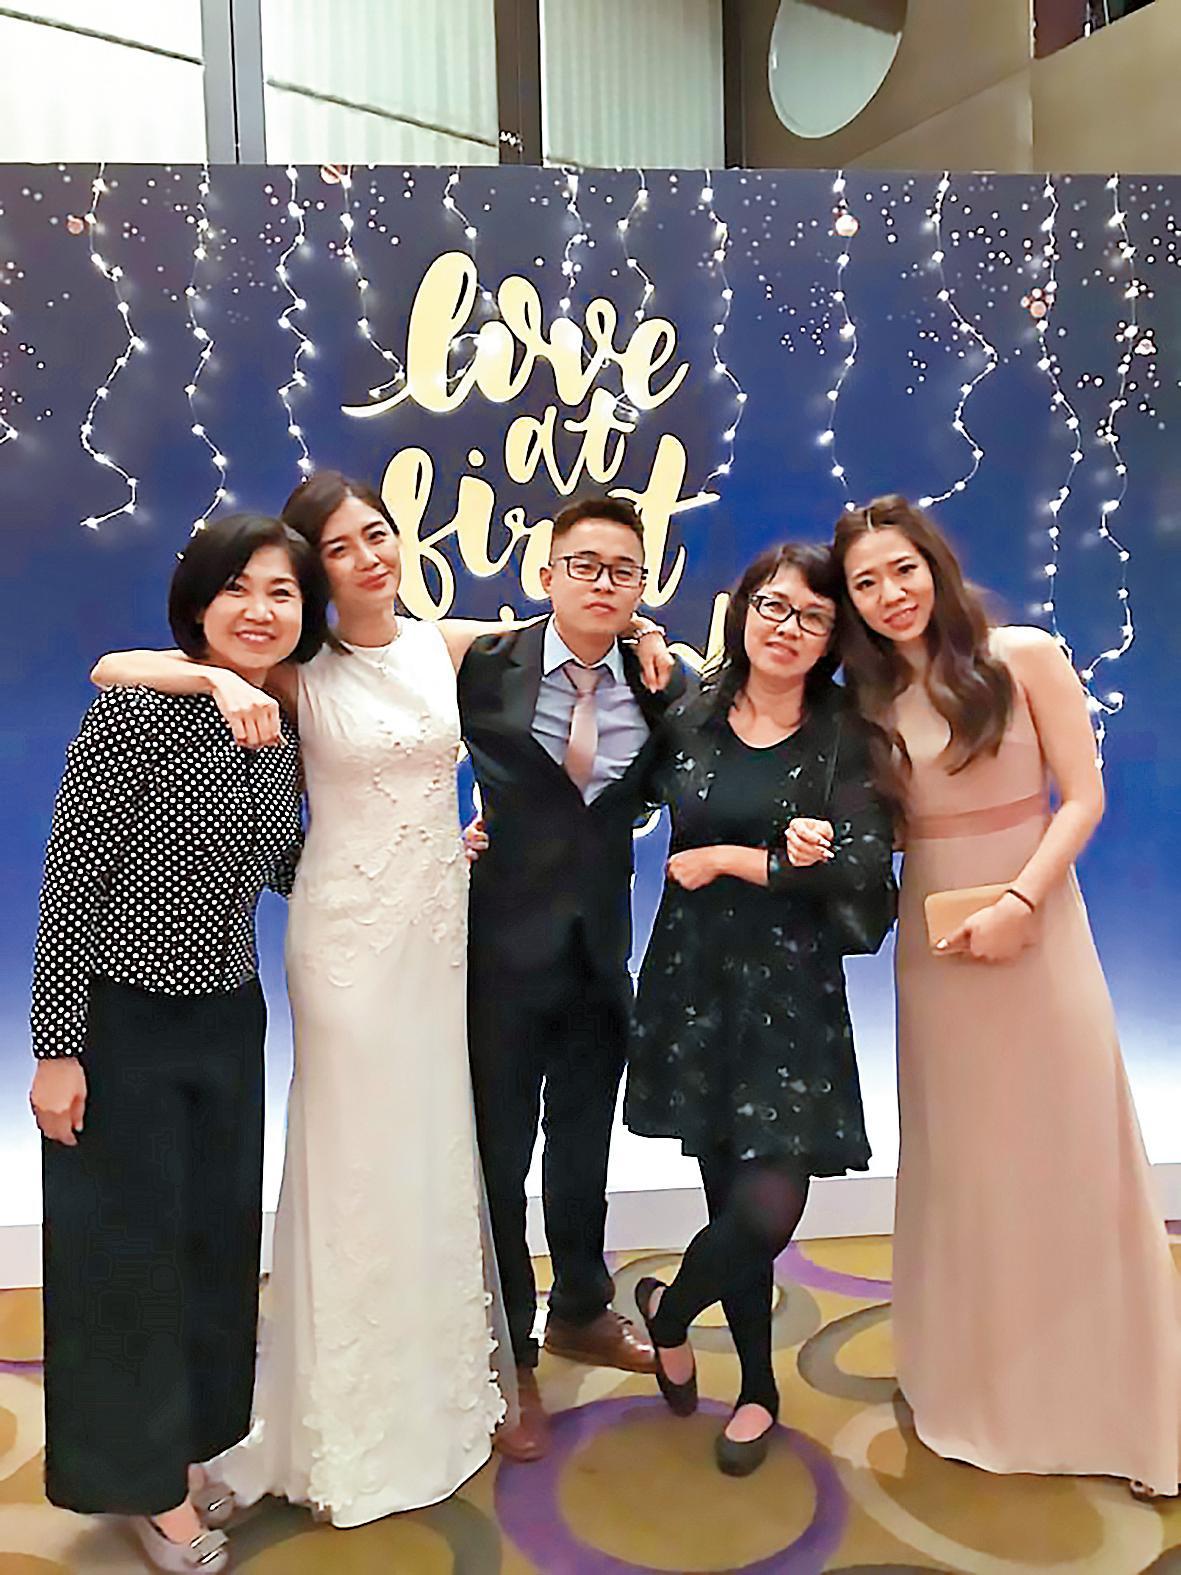 周玟君(左二)跟友人們在背板面前拍照,由於她的本業就是場地布置,看得出來她的精心設計。(翻攝自Ta Chnn Kao臉書)